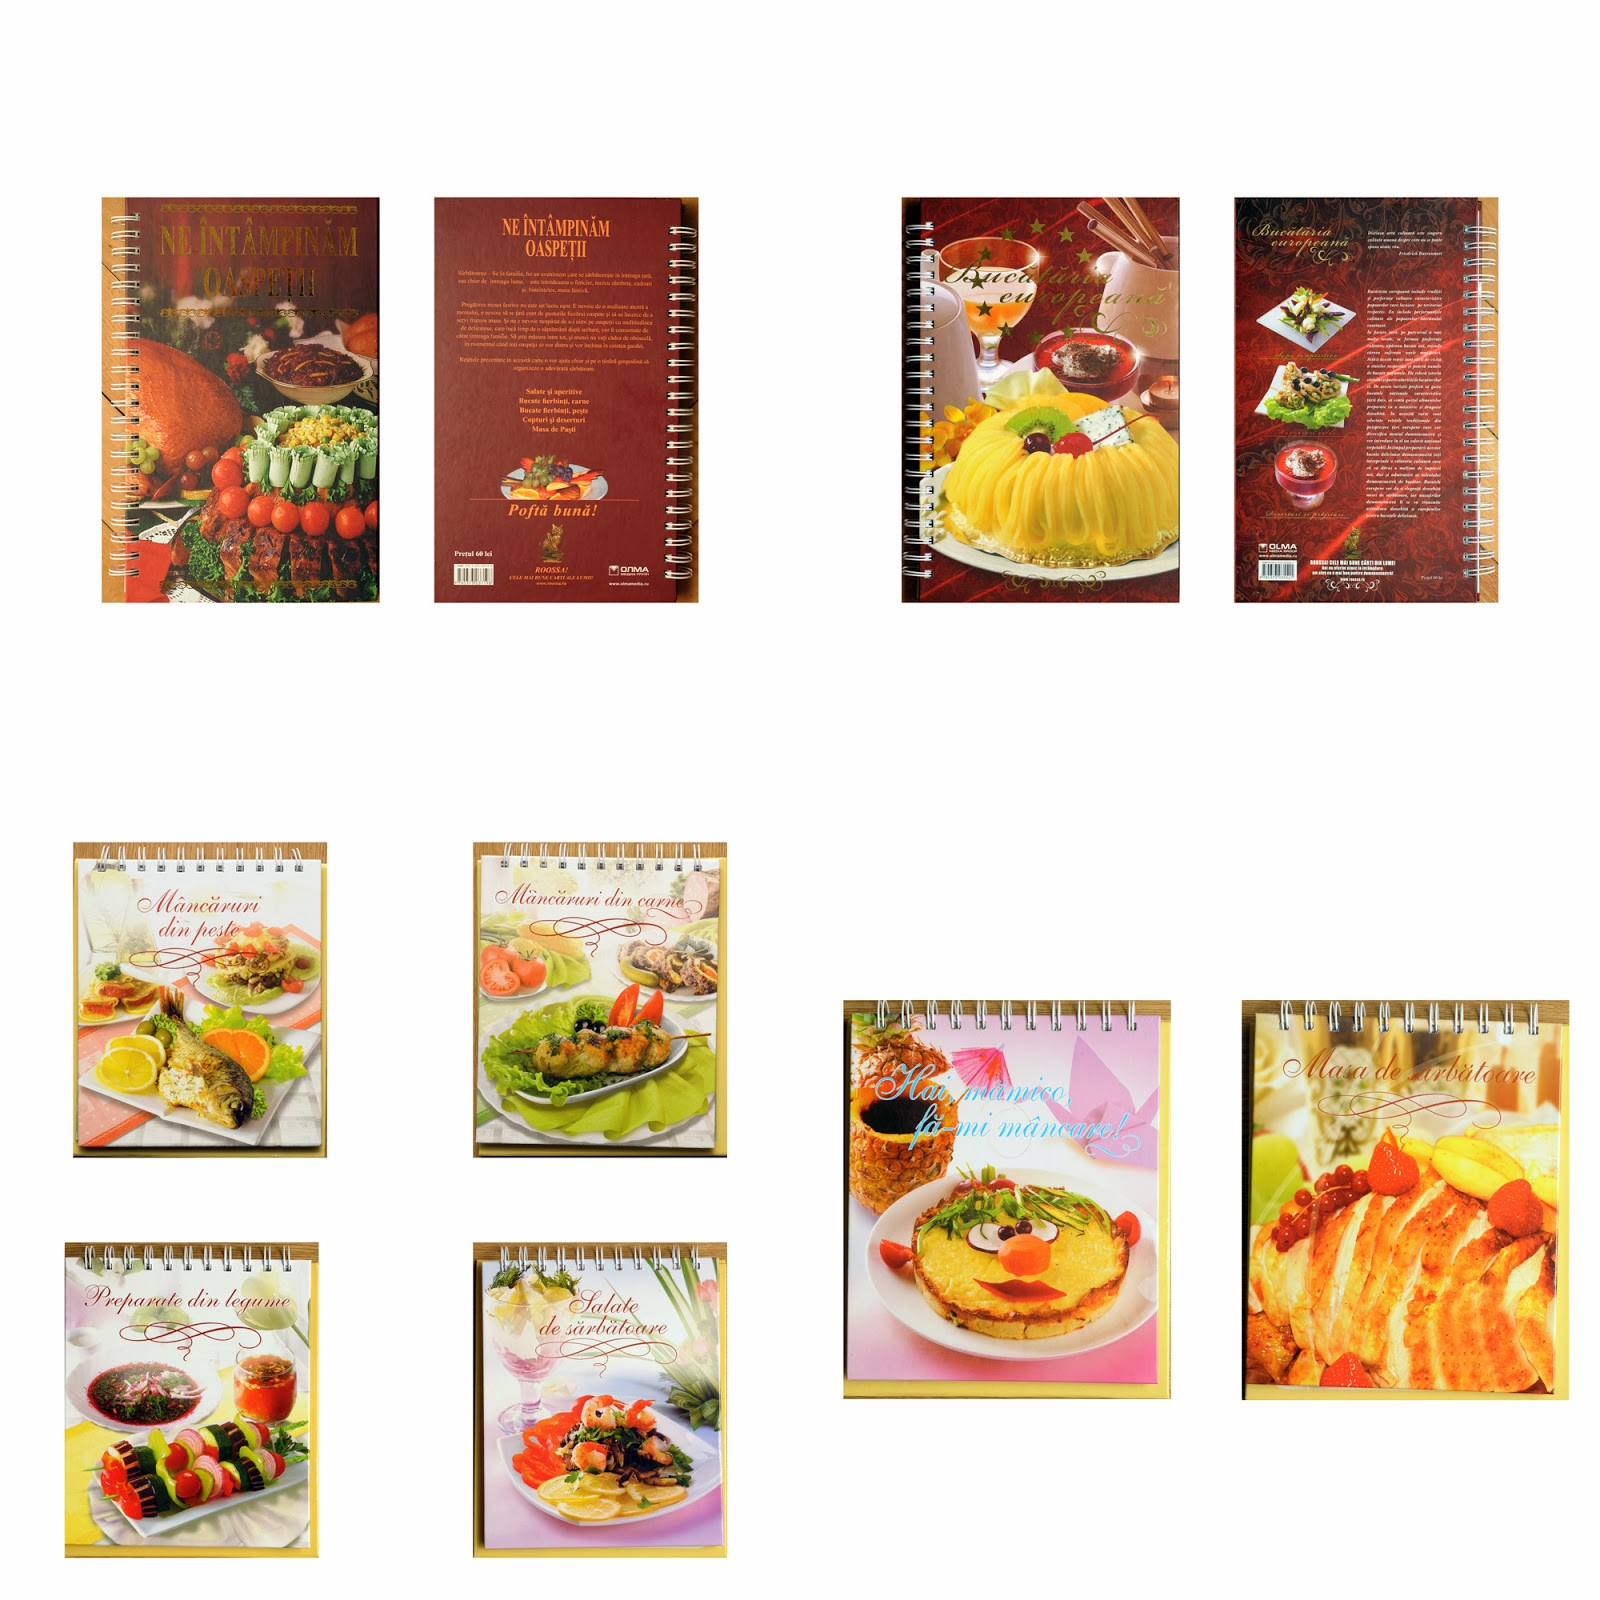 Editura Roossa - Carti de gastronomie